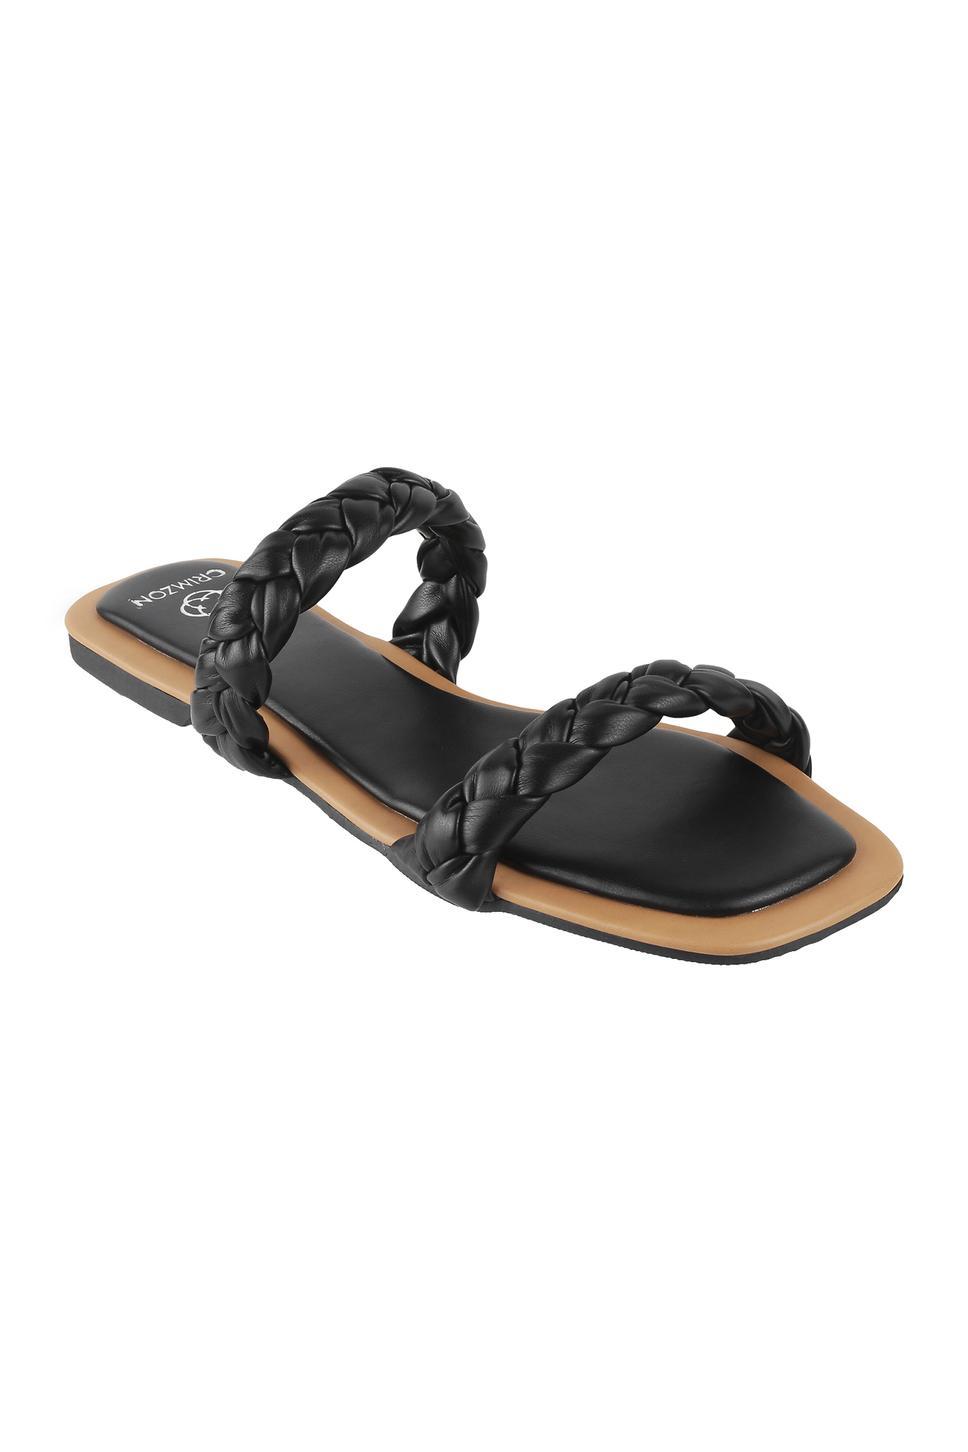 Dusk Braided Strap Sandals